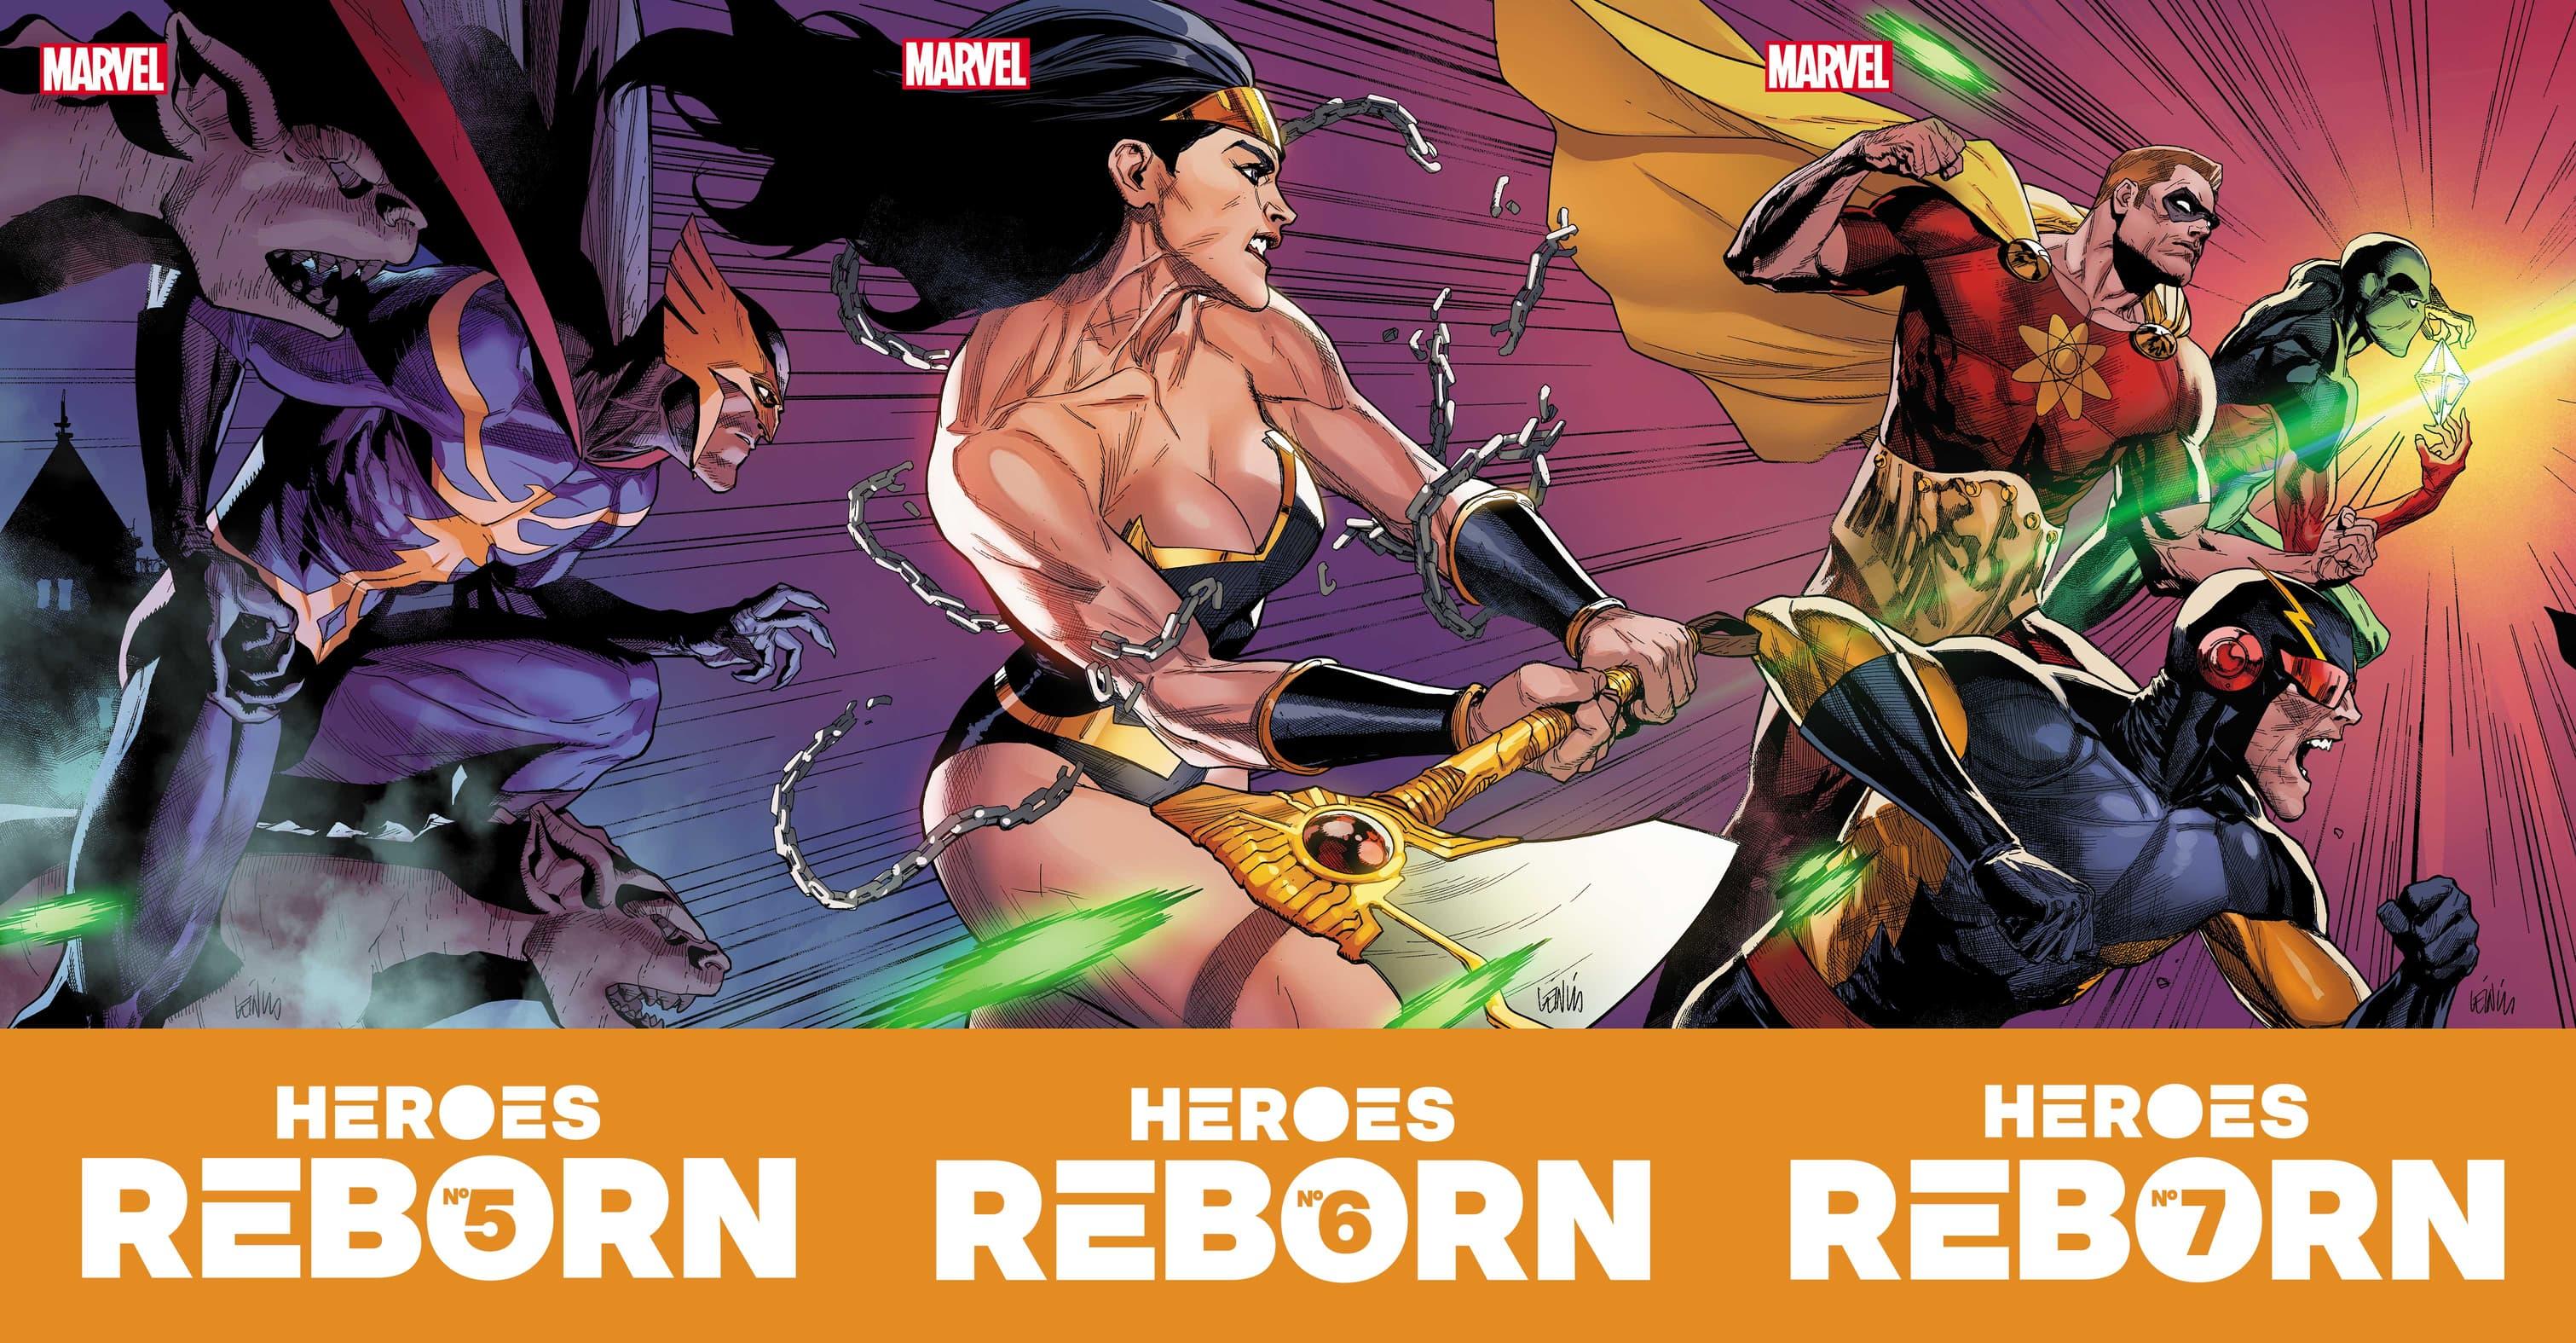 Heroes Reborn #5-7